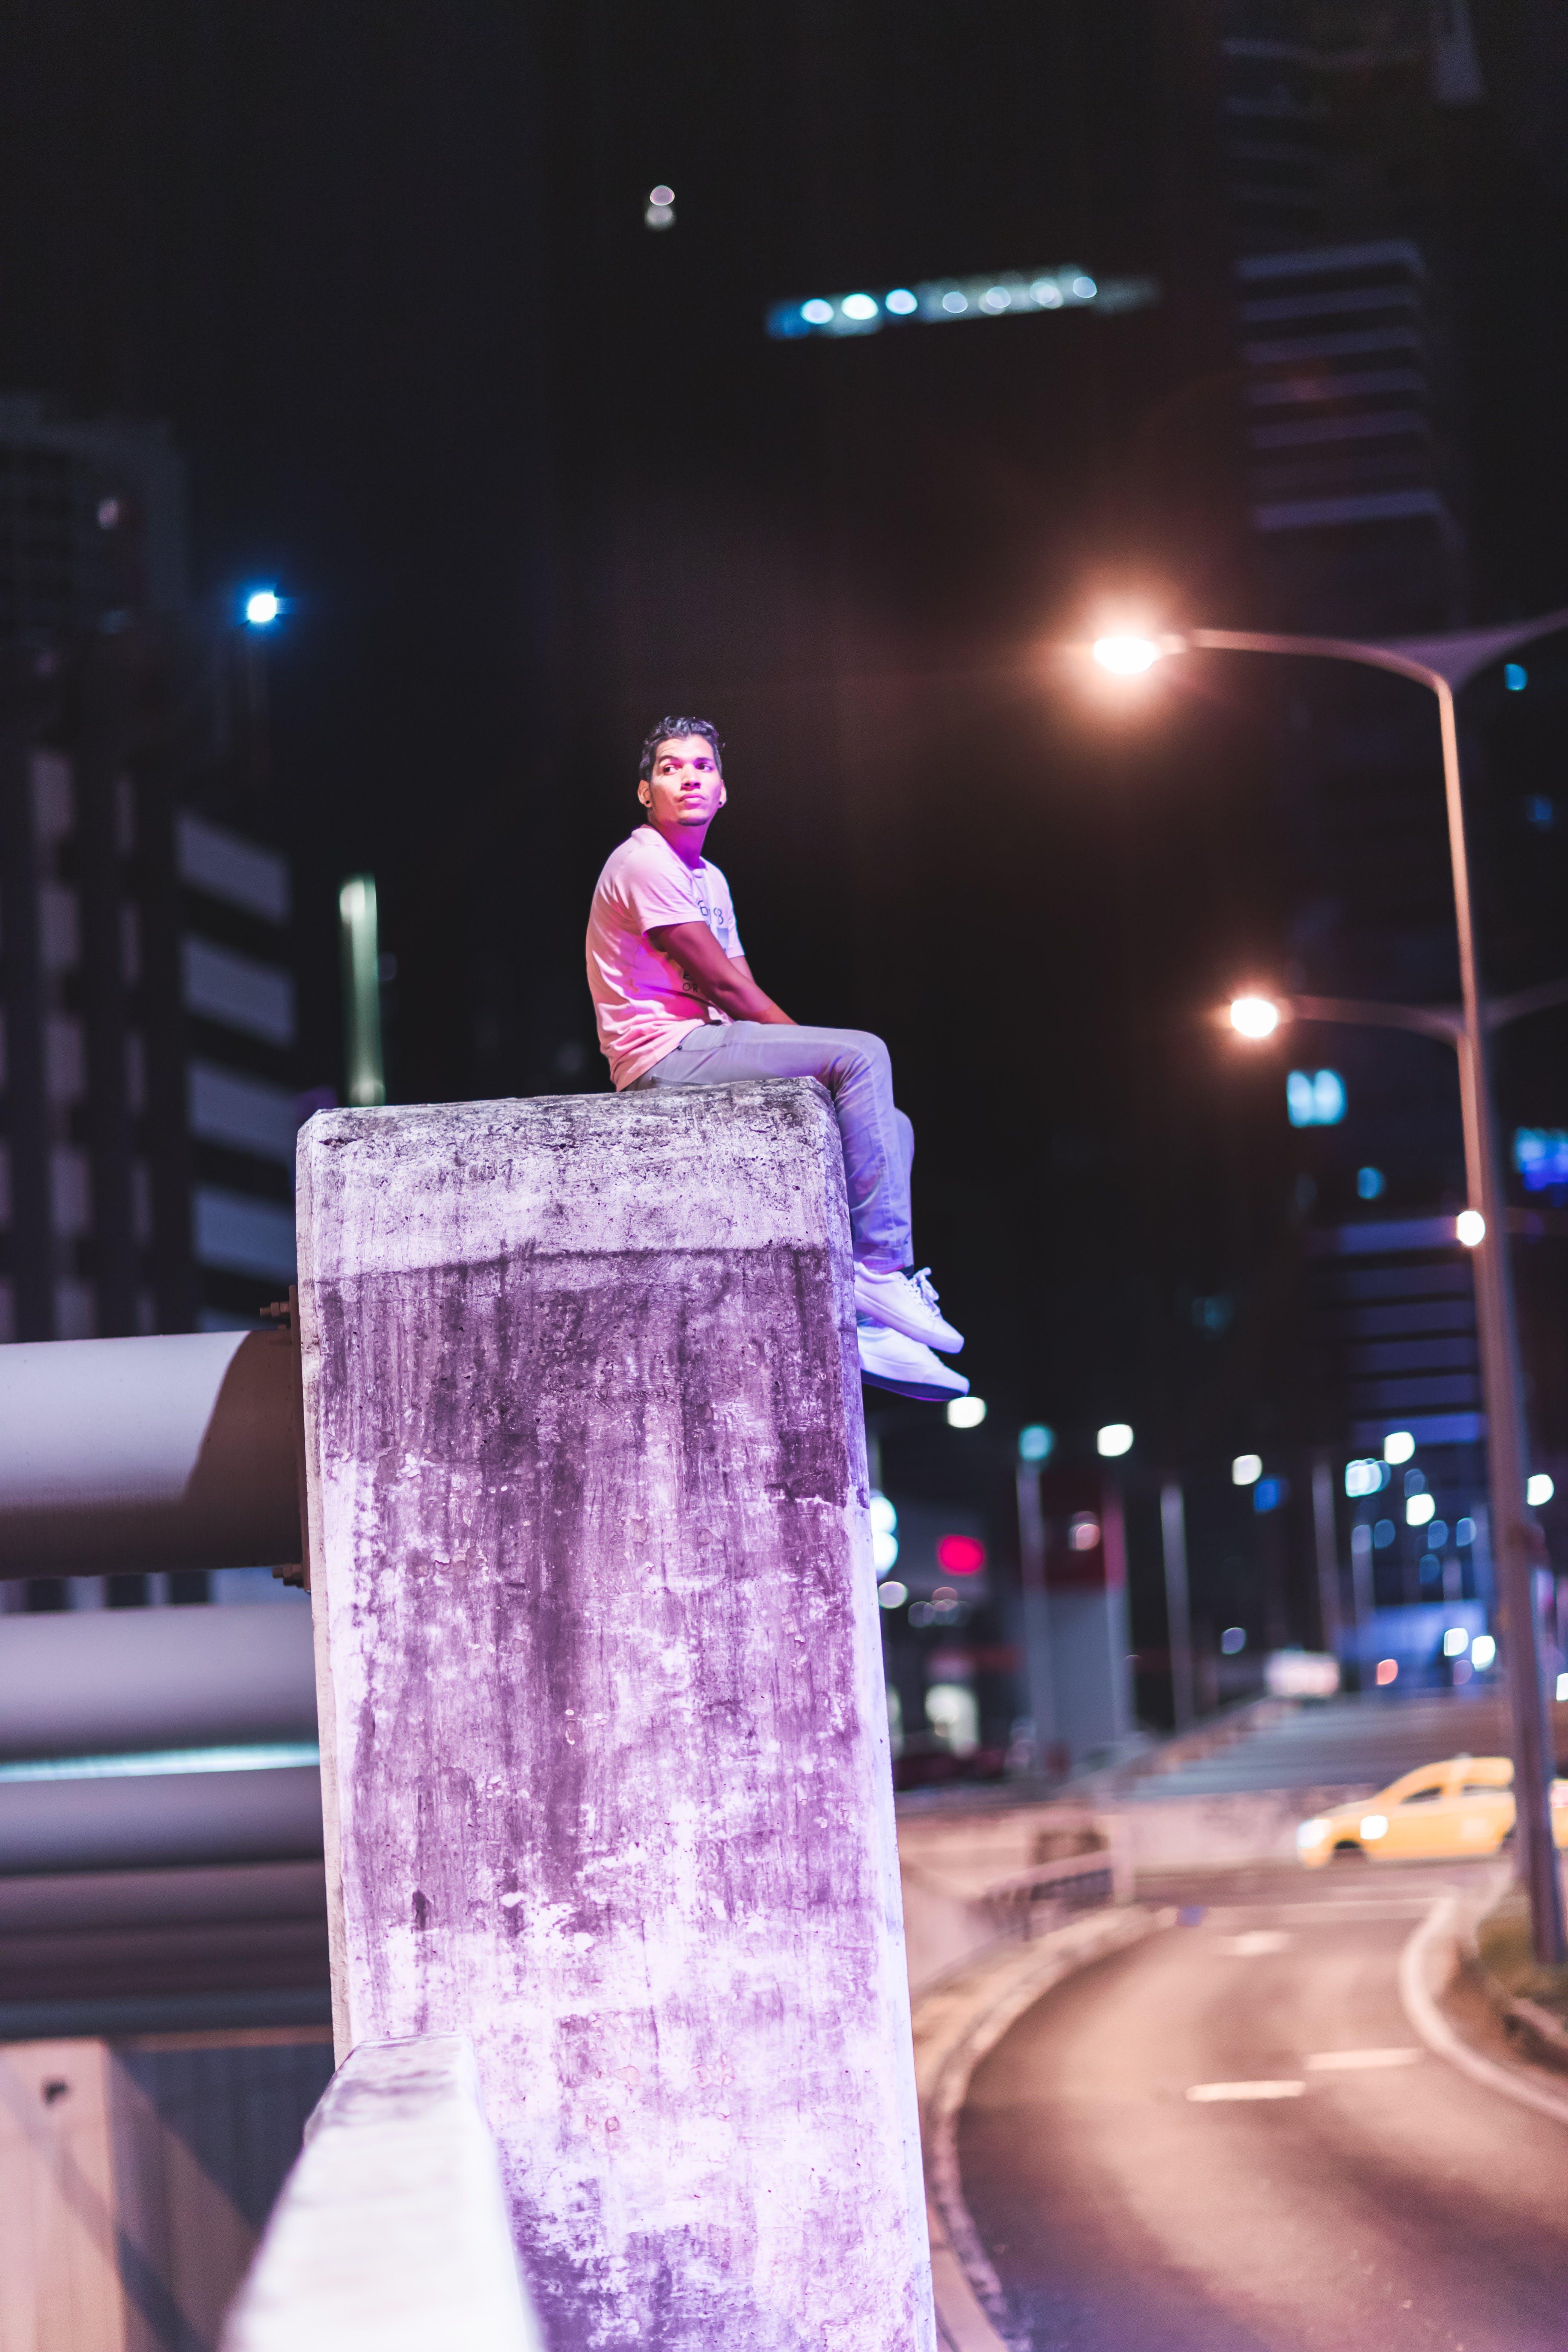 Δωρεάν στοκ φωτογραφιών με urbex, δρόμος, Νύχτα, νυχτερινή φωτογραφία